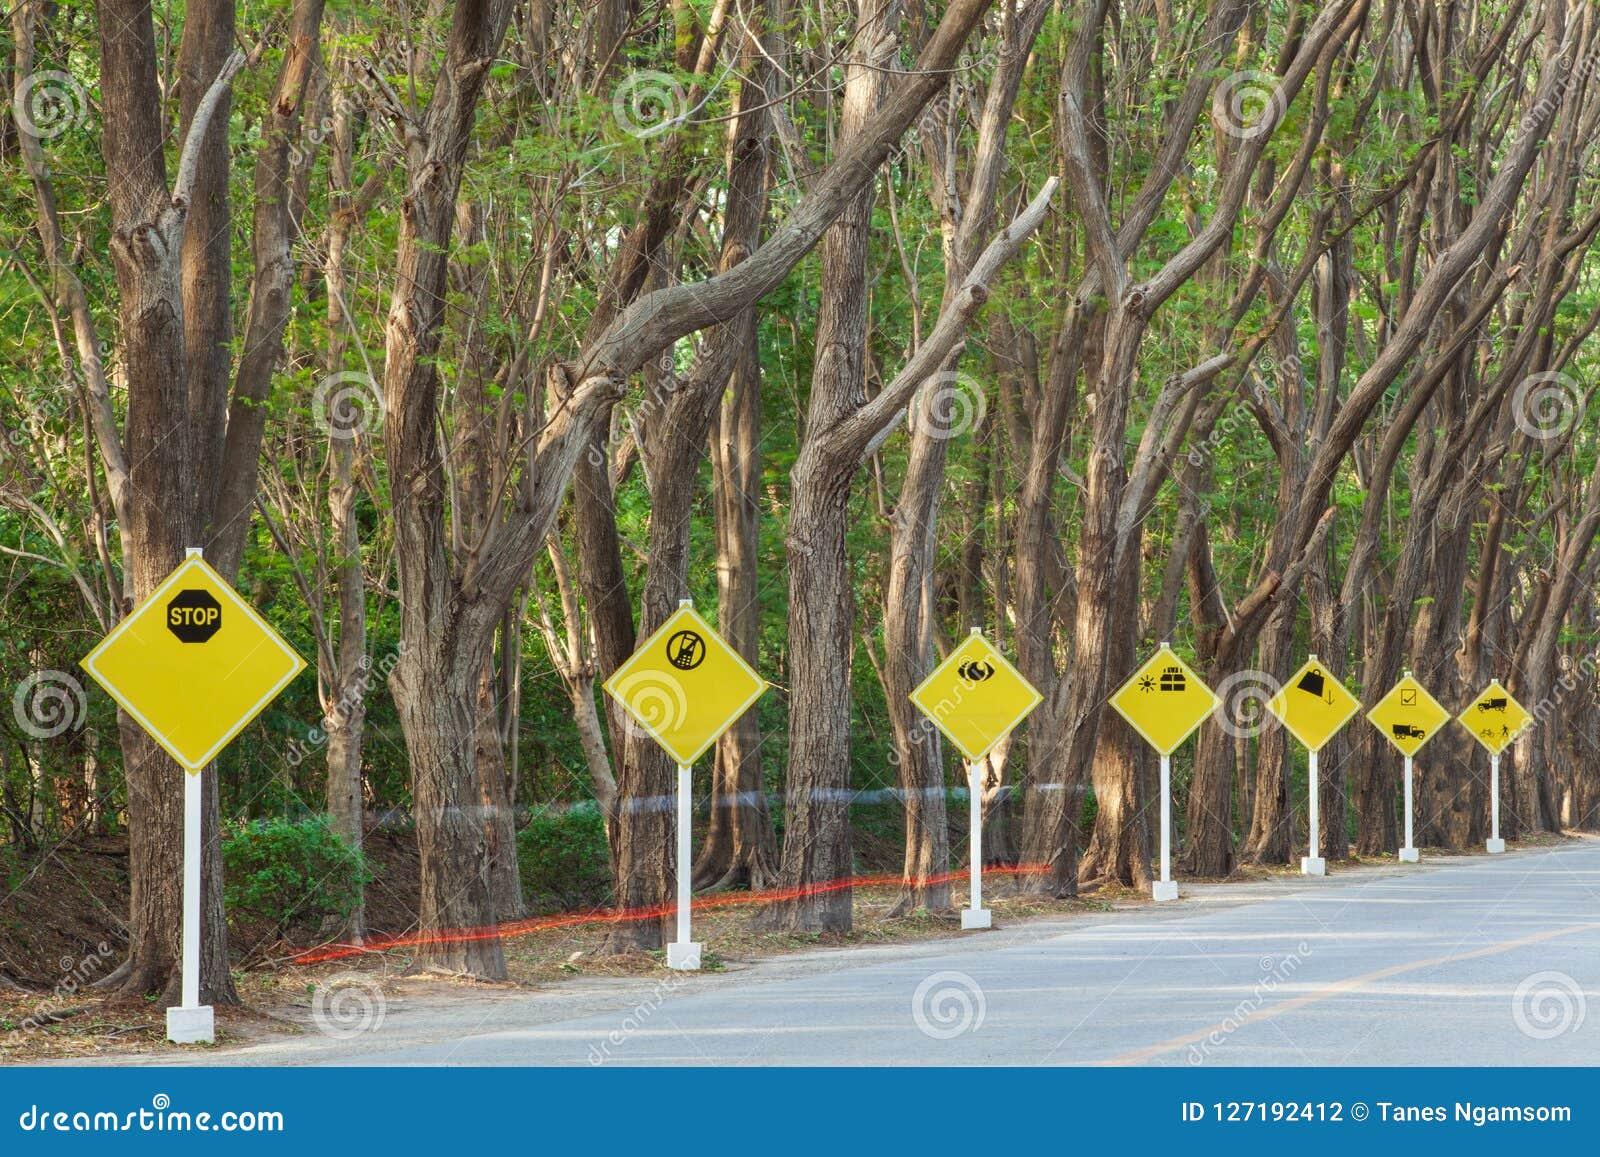 Segnali stradali gialli sulla strada tropicale, bella forma degli alberi